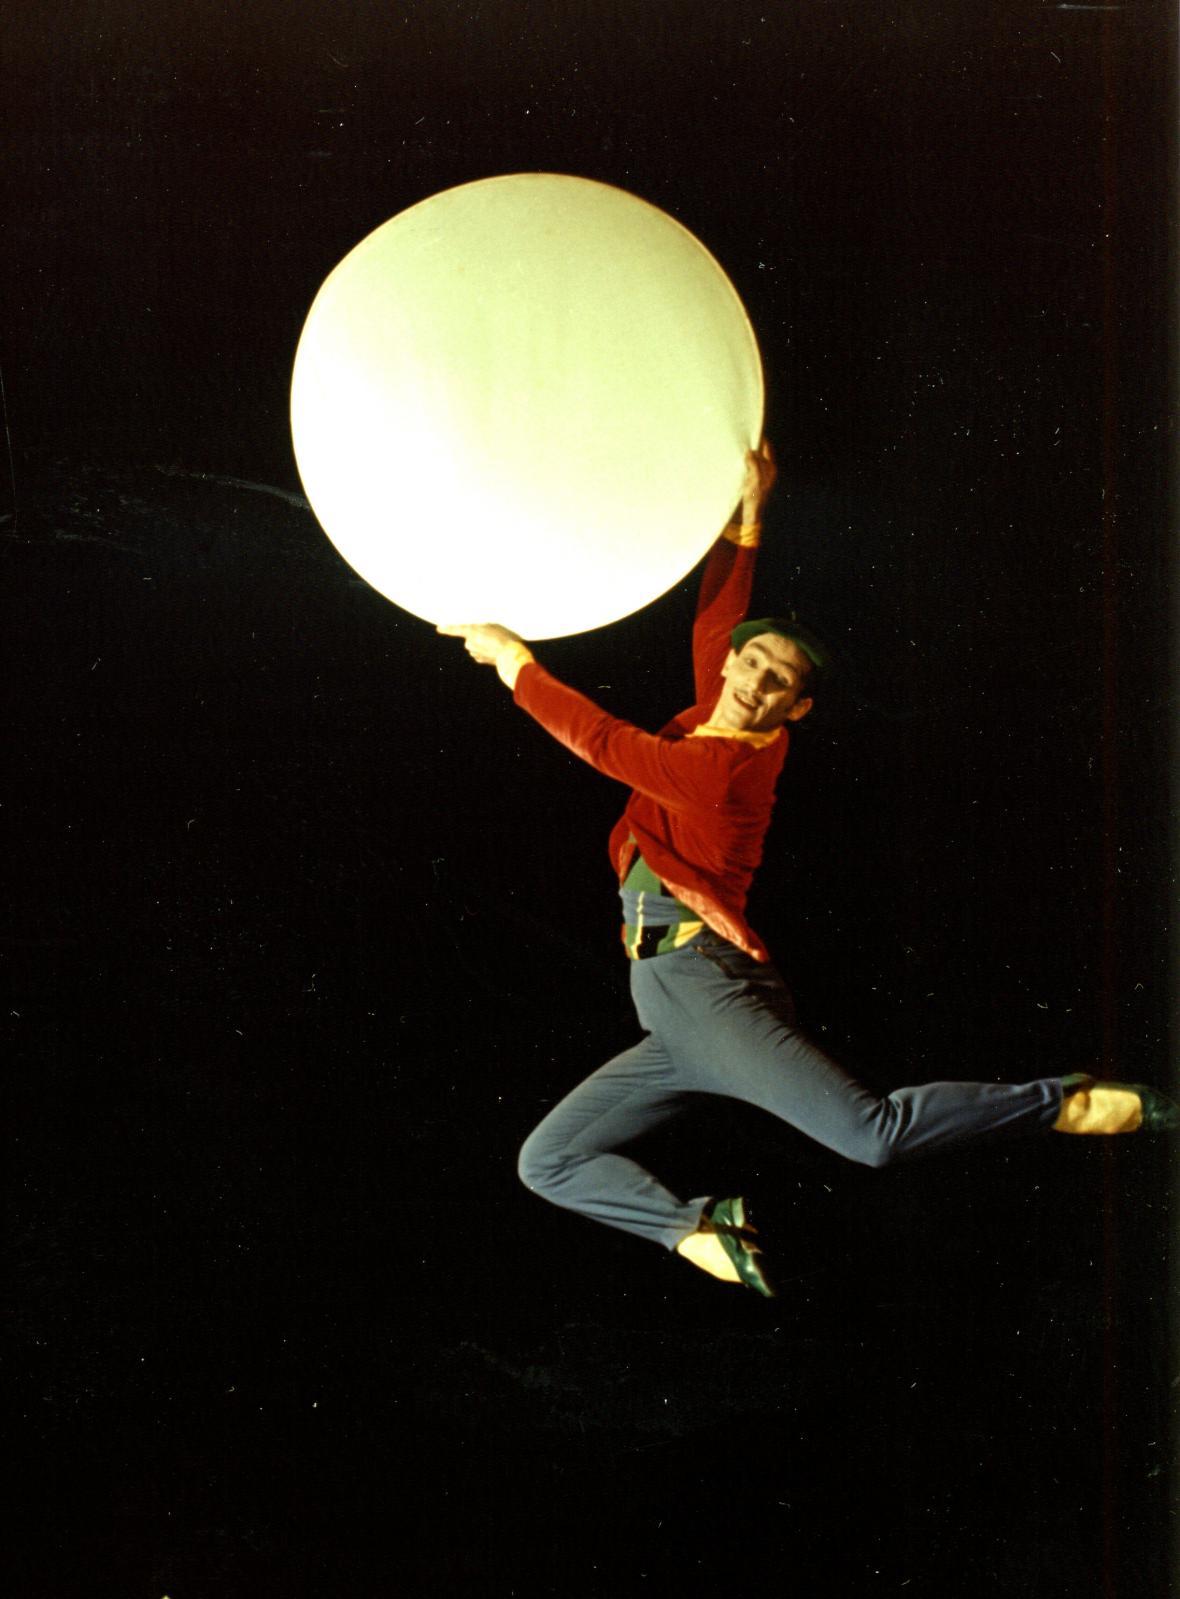 Fotografie tzv. 1. Programu Laterny magiky při jejím uvedení na EXPO 58 v Bruselu, Státní divadelní studio (Autoři: Alfréd Radok a Josef Svoboda). Foto: Josef Svoboda, 1958 Fotografický fond IDU